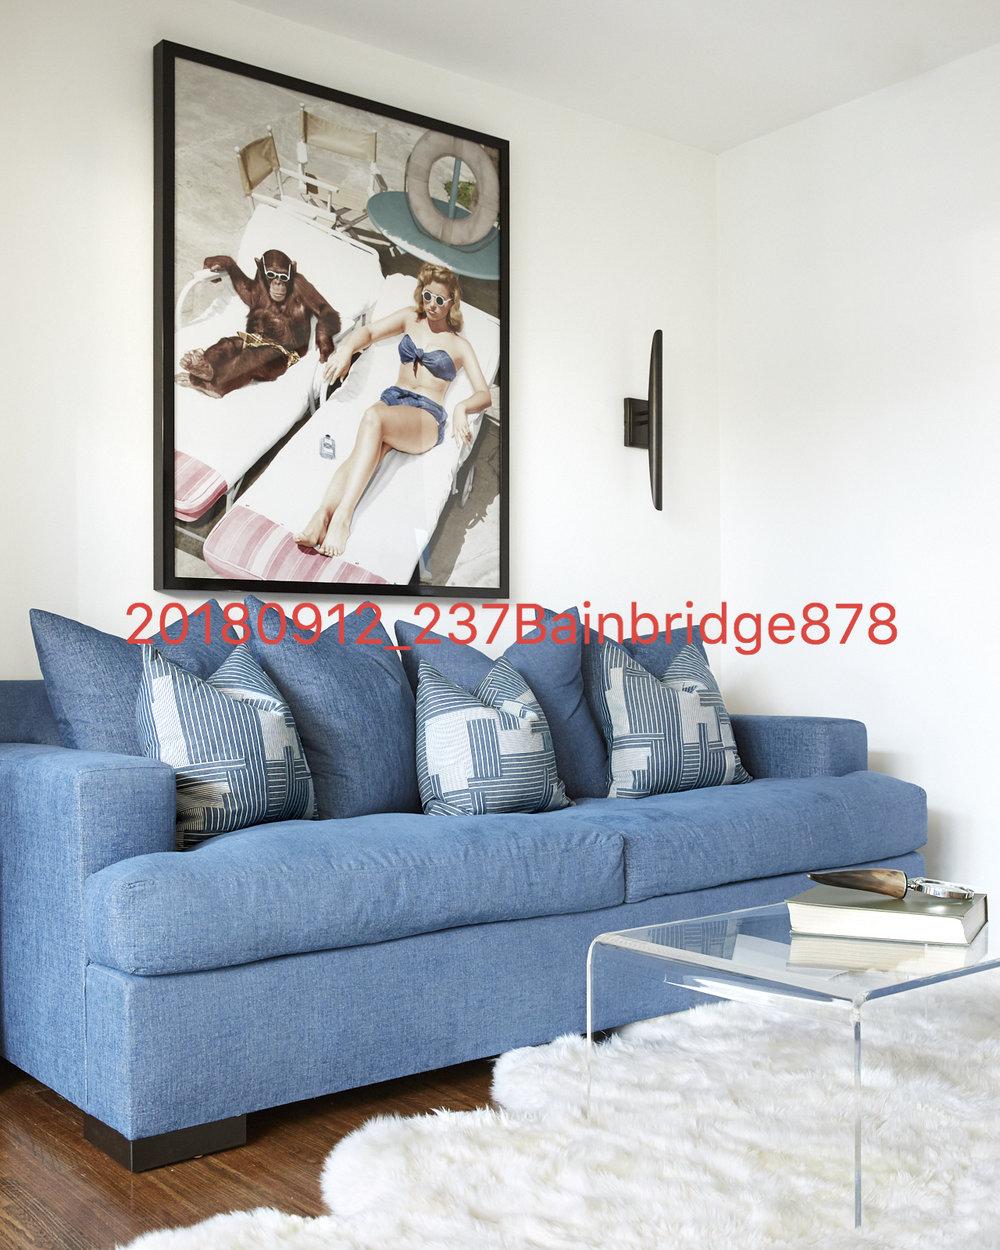 Bainbridge Sample_Web Gallery_135.jpg